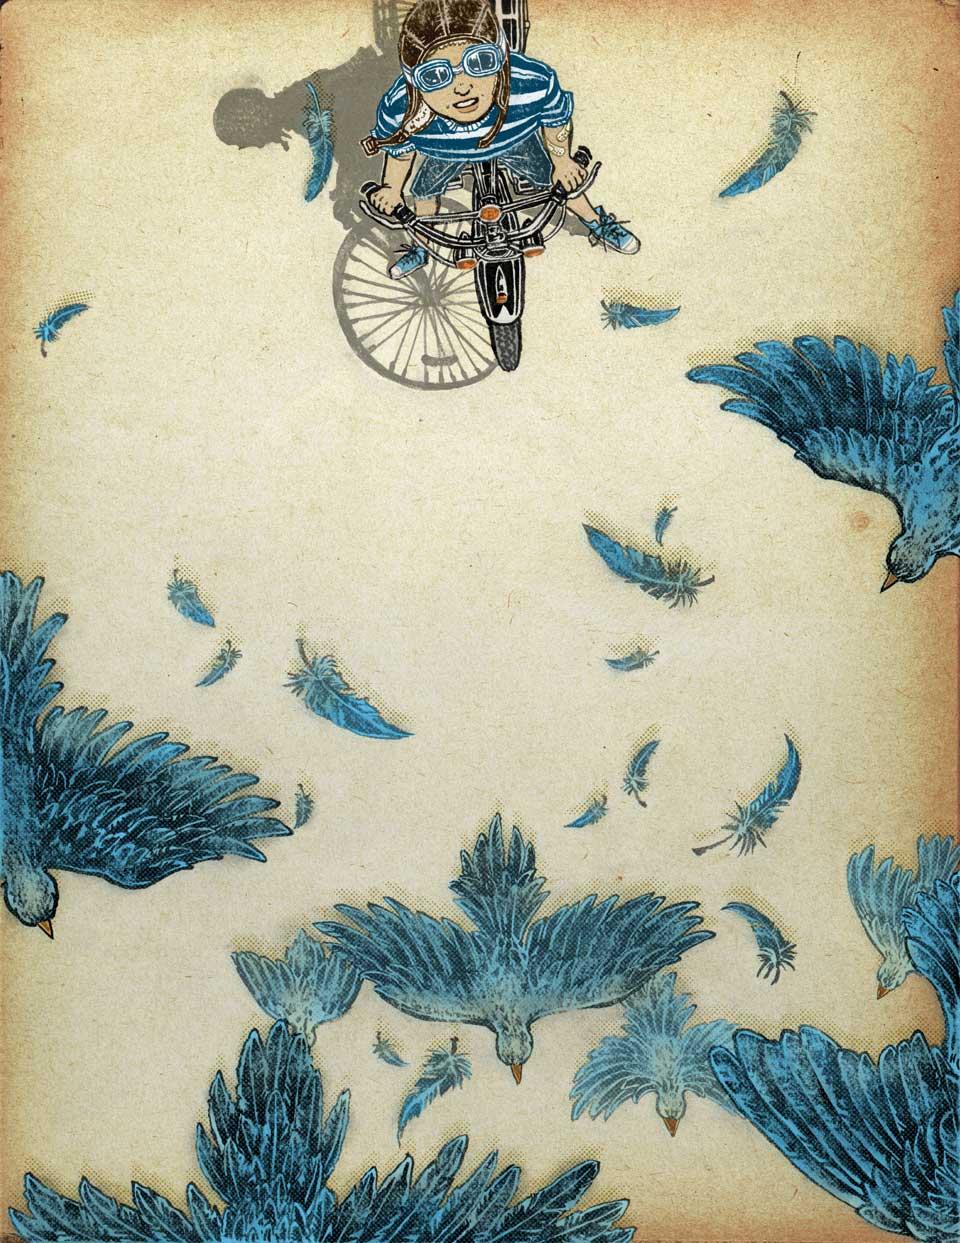 yuko shimizu illustration oldskull-5